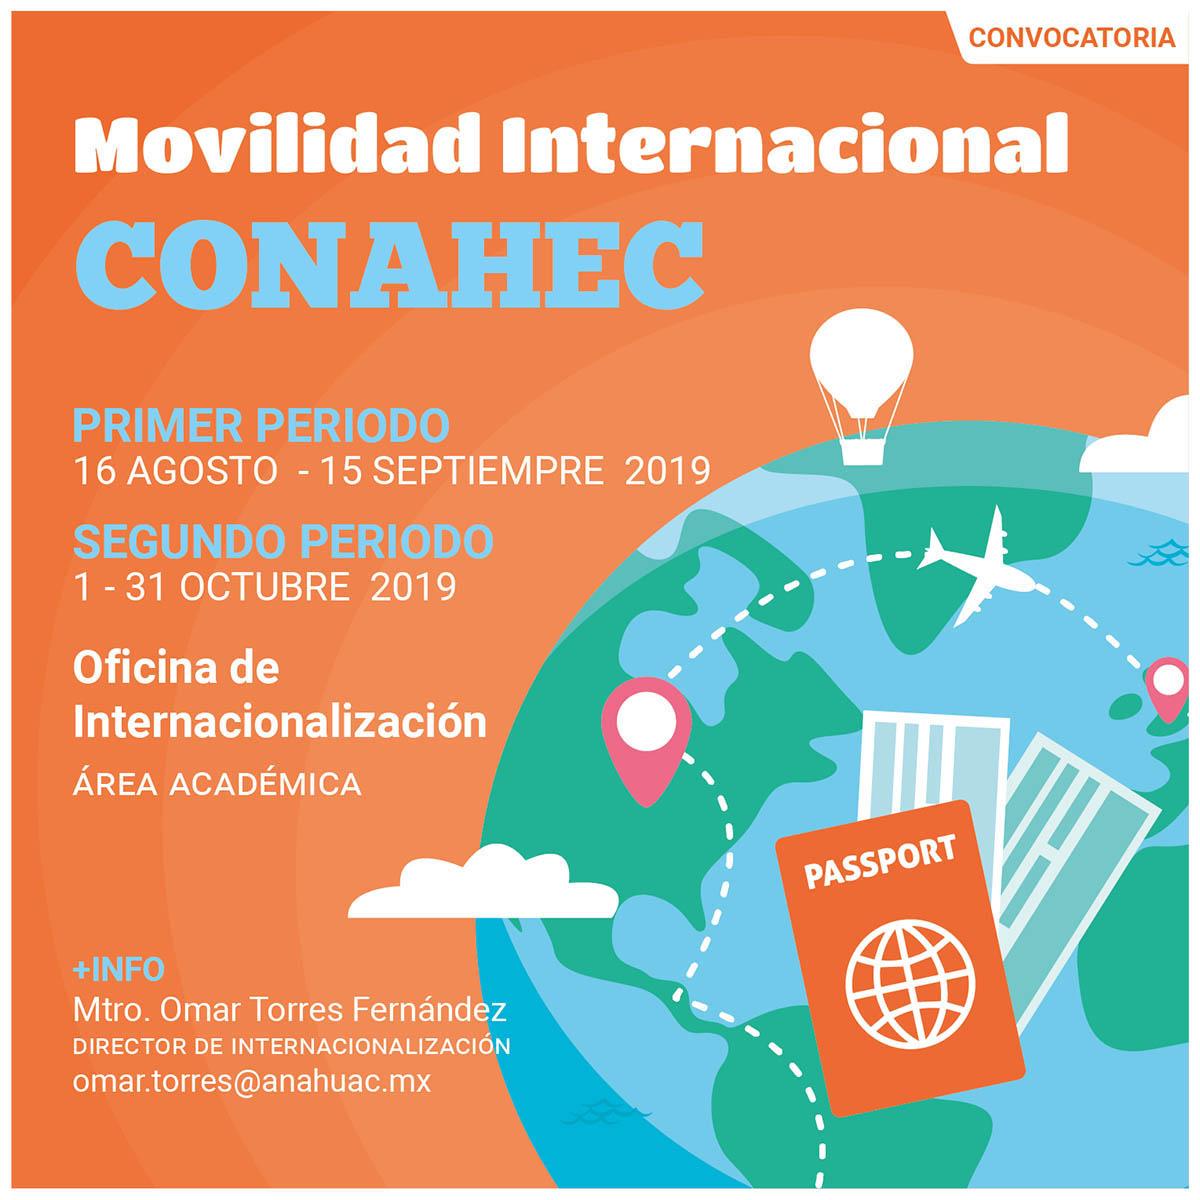 Convocatoria de Movilidad Internacional CONAHEC 2020